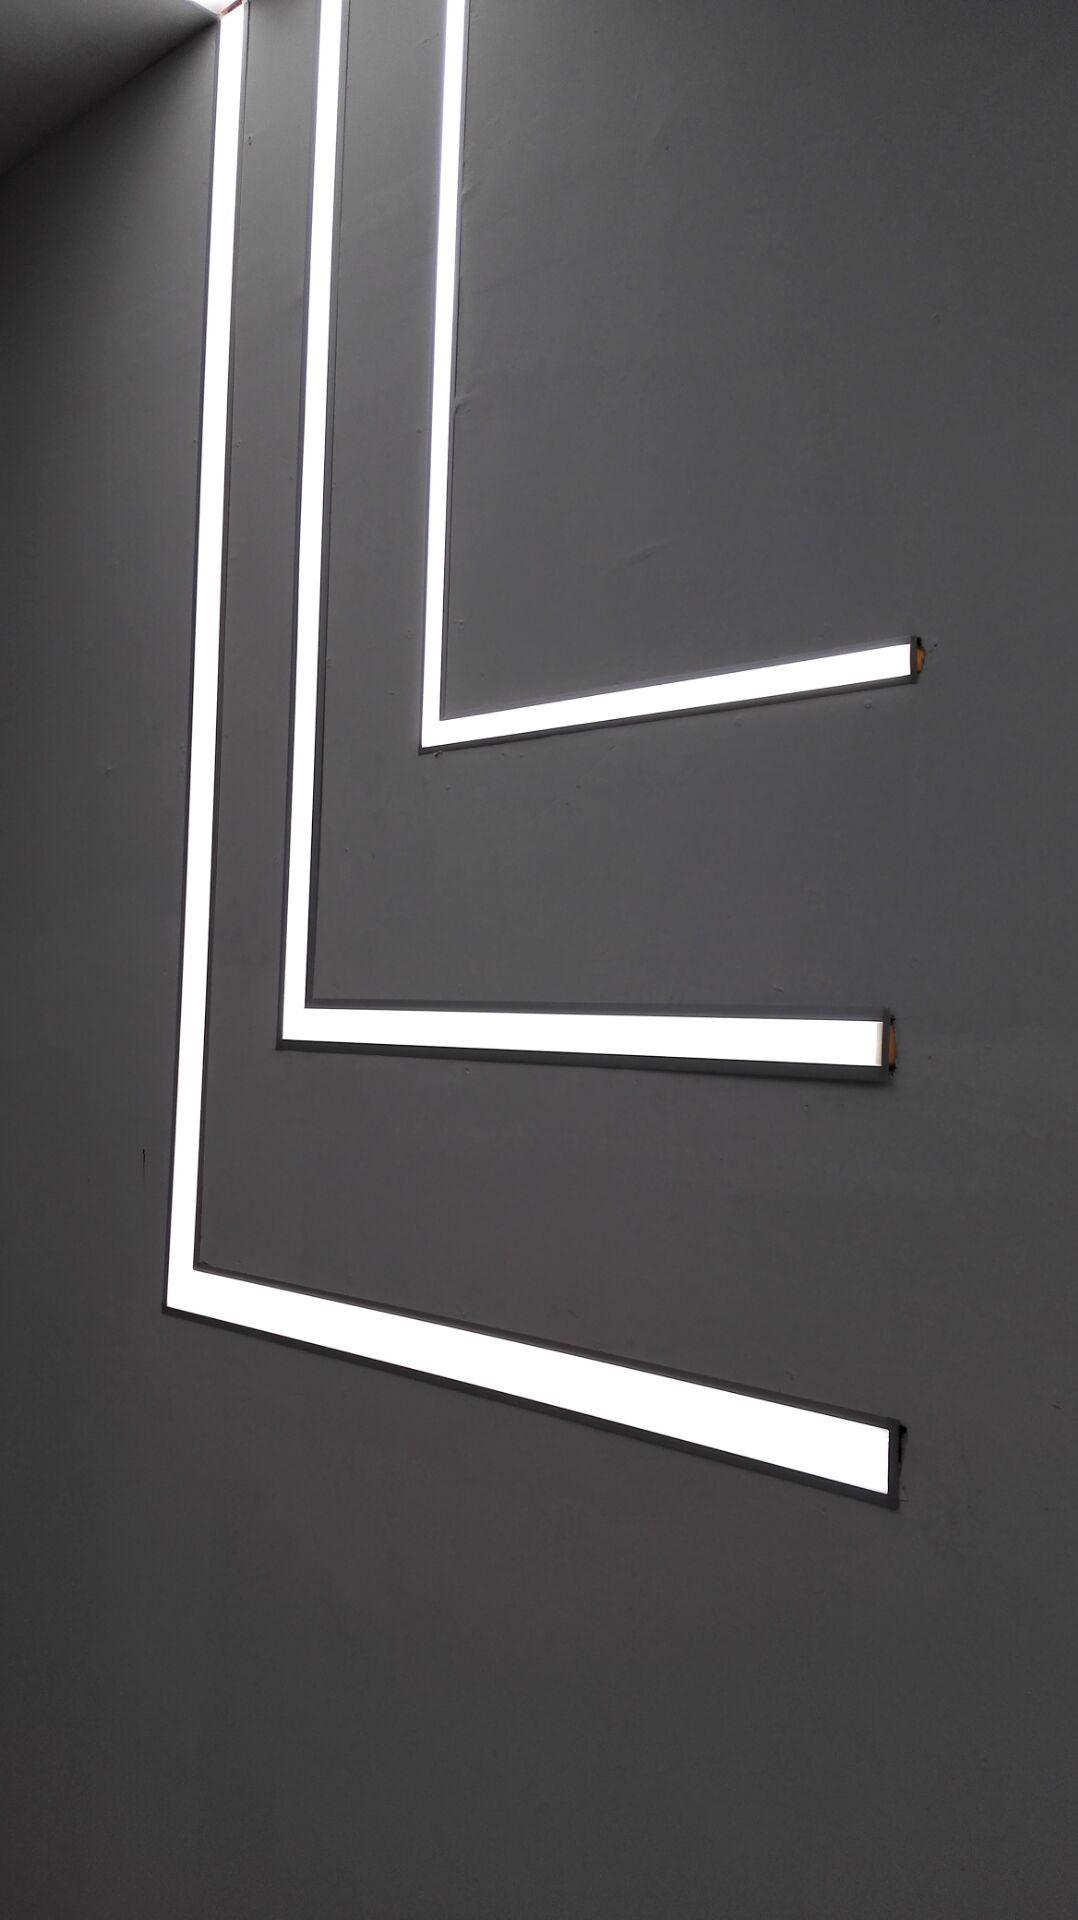 Best 25 Led Room Lighting Ideas On Pinterest The Desk